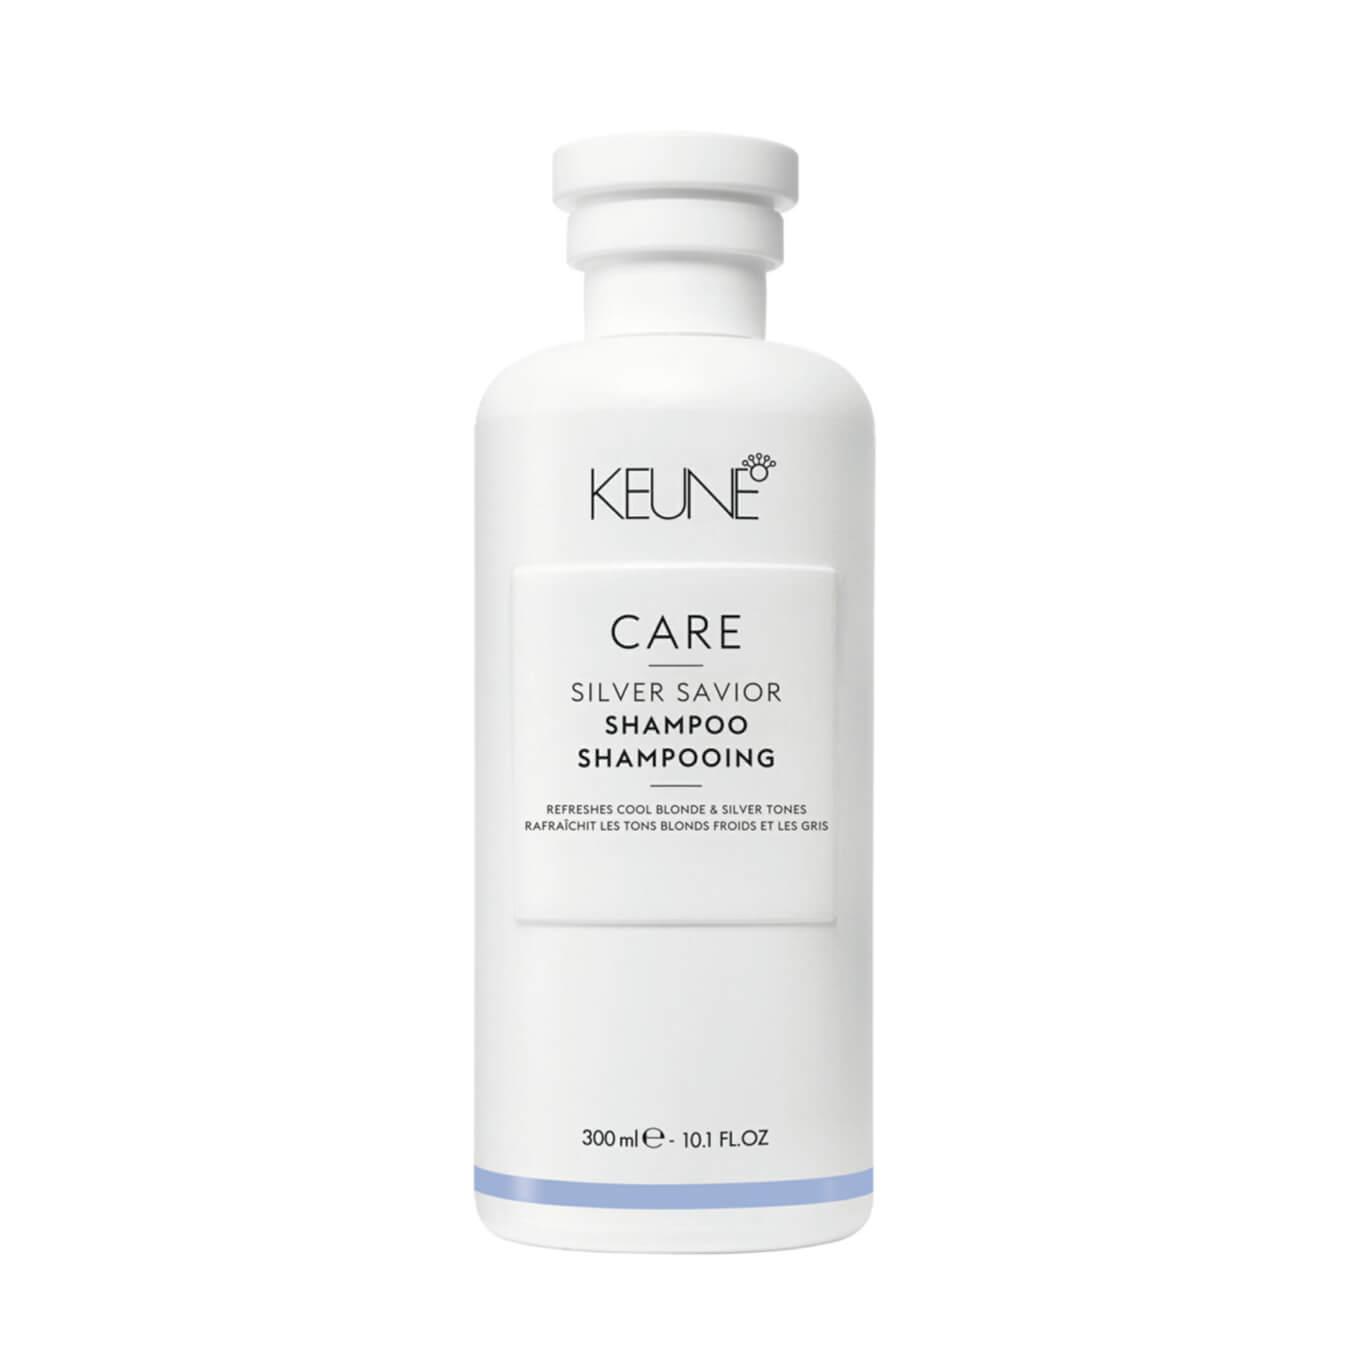 Kauf Keune Care Silver Savior Shampoo 300ml